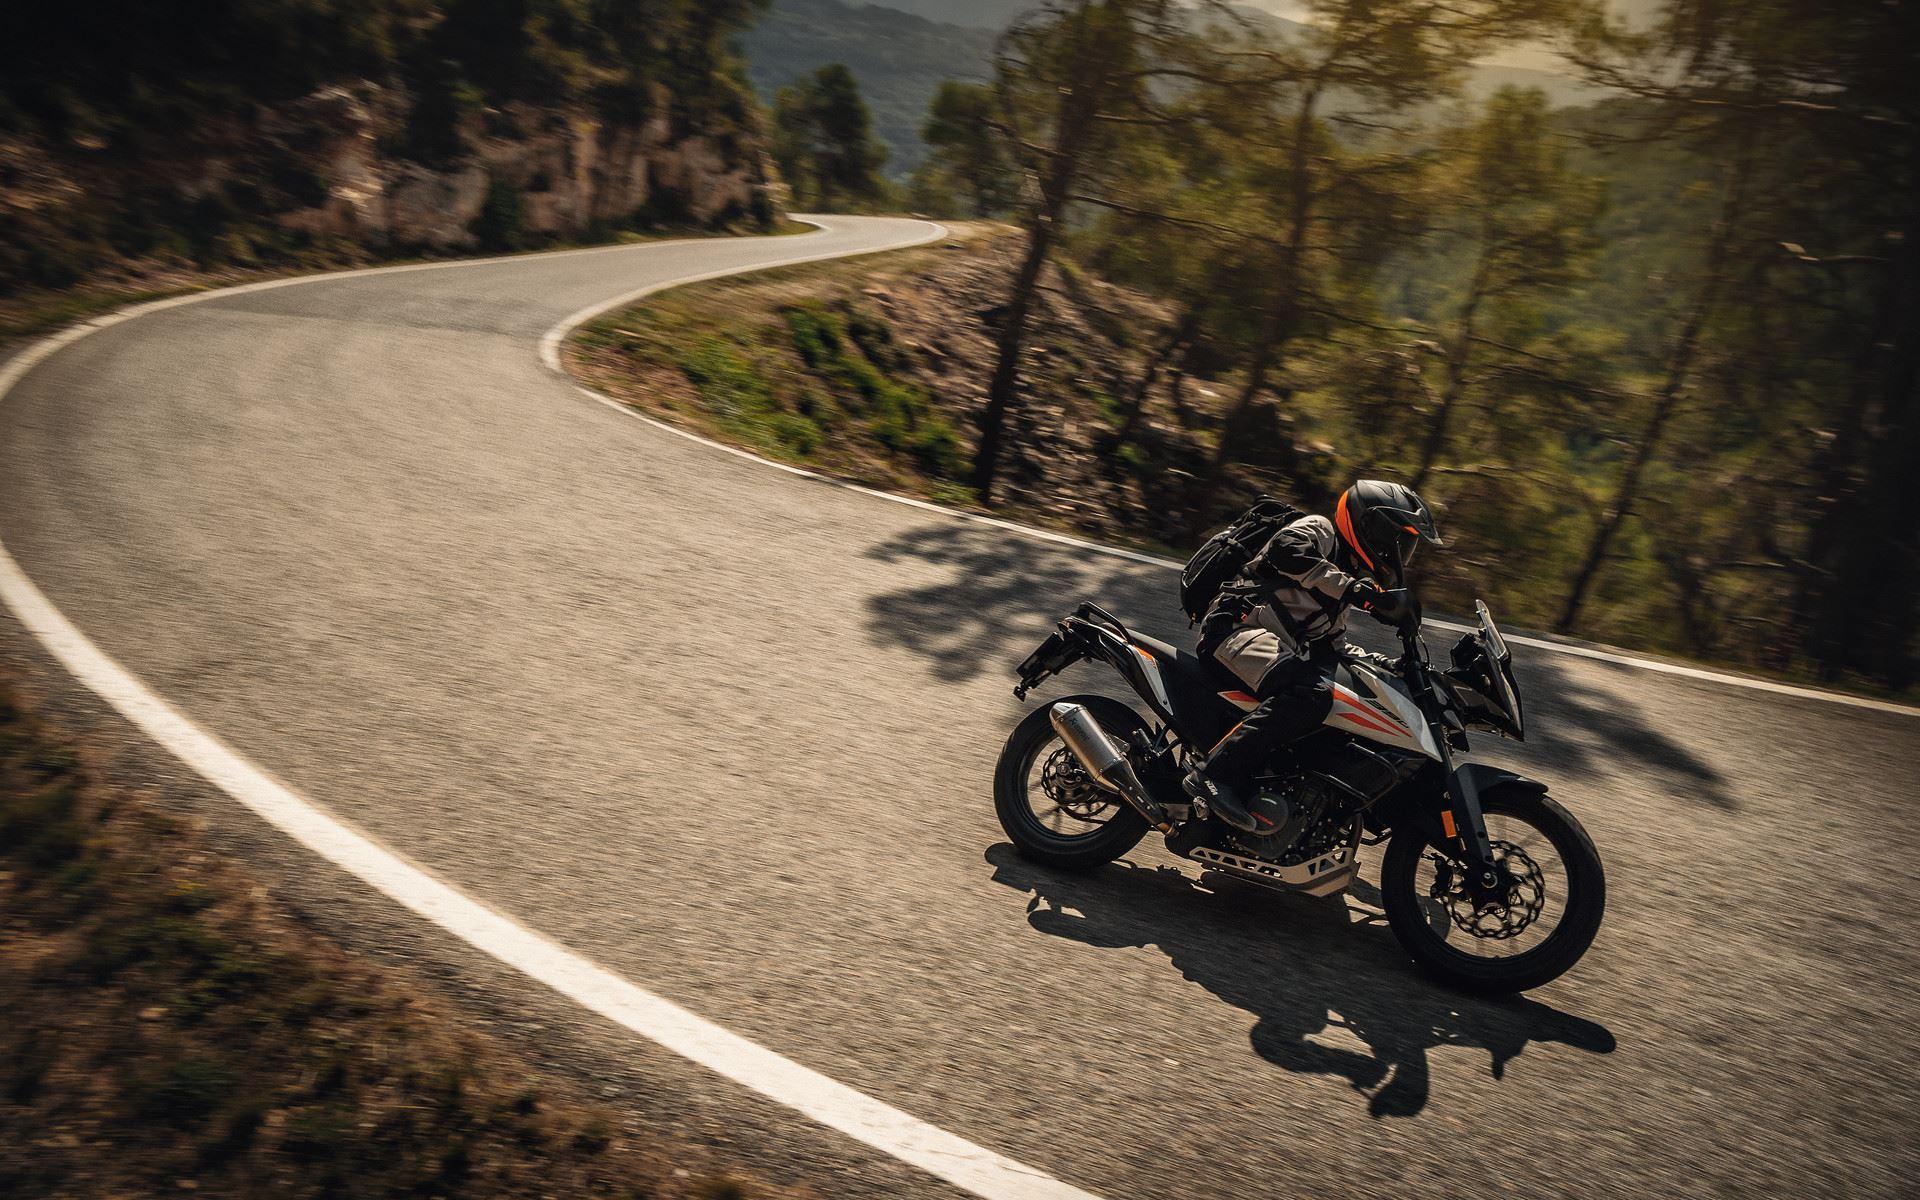 KTM presenta la 390 Adventure en EICMA